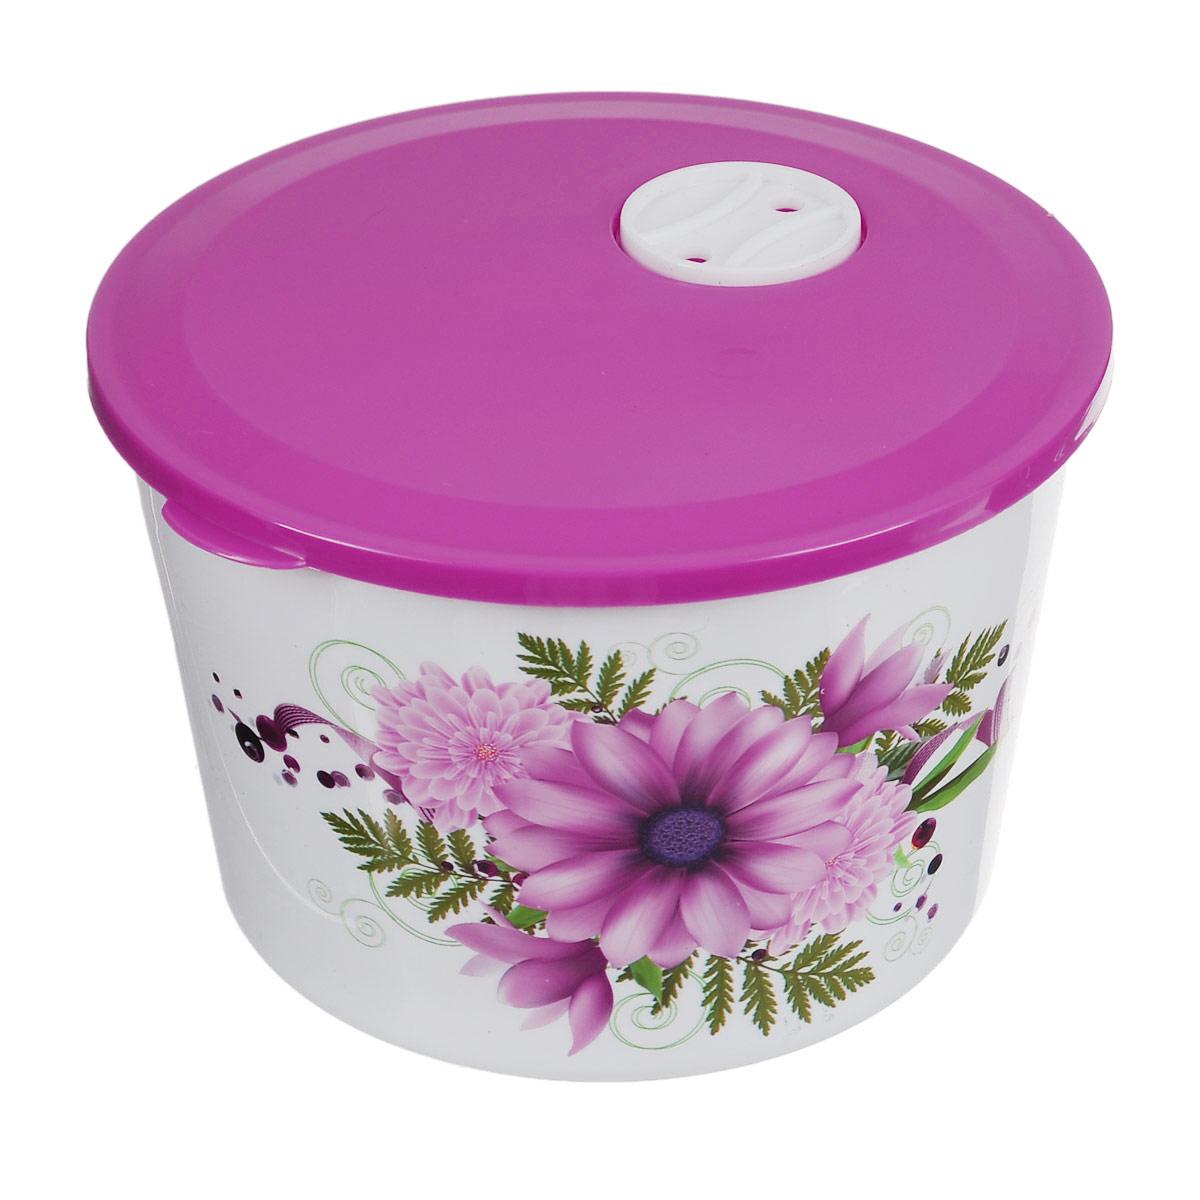 Контейнер Альтернатива Хризантемы, цвет: белый, розовый, 1,7 лМ2199Контейнер Альтернатива Хризантемы изготовлен из высококачественного прочного пластика и украшен изображением хризантем. Крышка плотно закрывается, дольше сохраняя продукты свежими и вкусными. На крышке имеется специальный клапан, который обеспечивает герметичность. Контейнер идеально подходит для хранения пищи, его удобно брать с собой на работу, учебу, пикник или просто использовать для хранения продуктов в холодильнике.